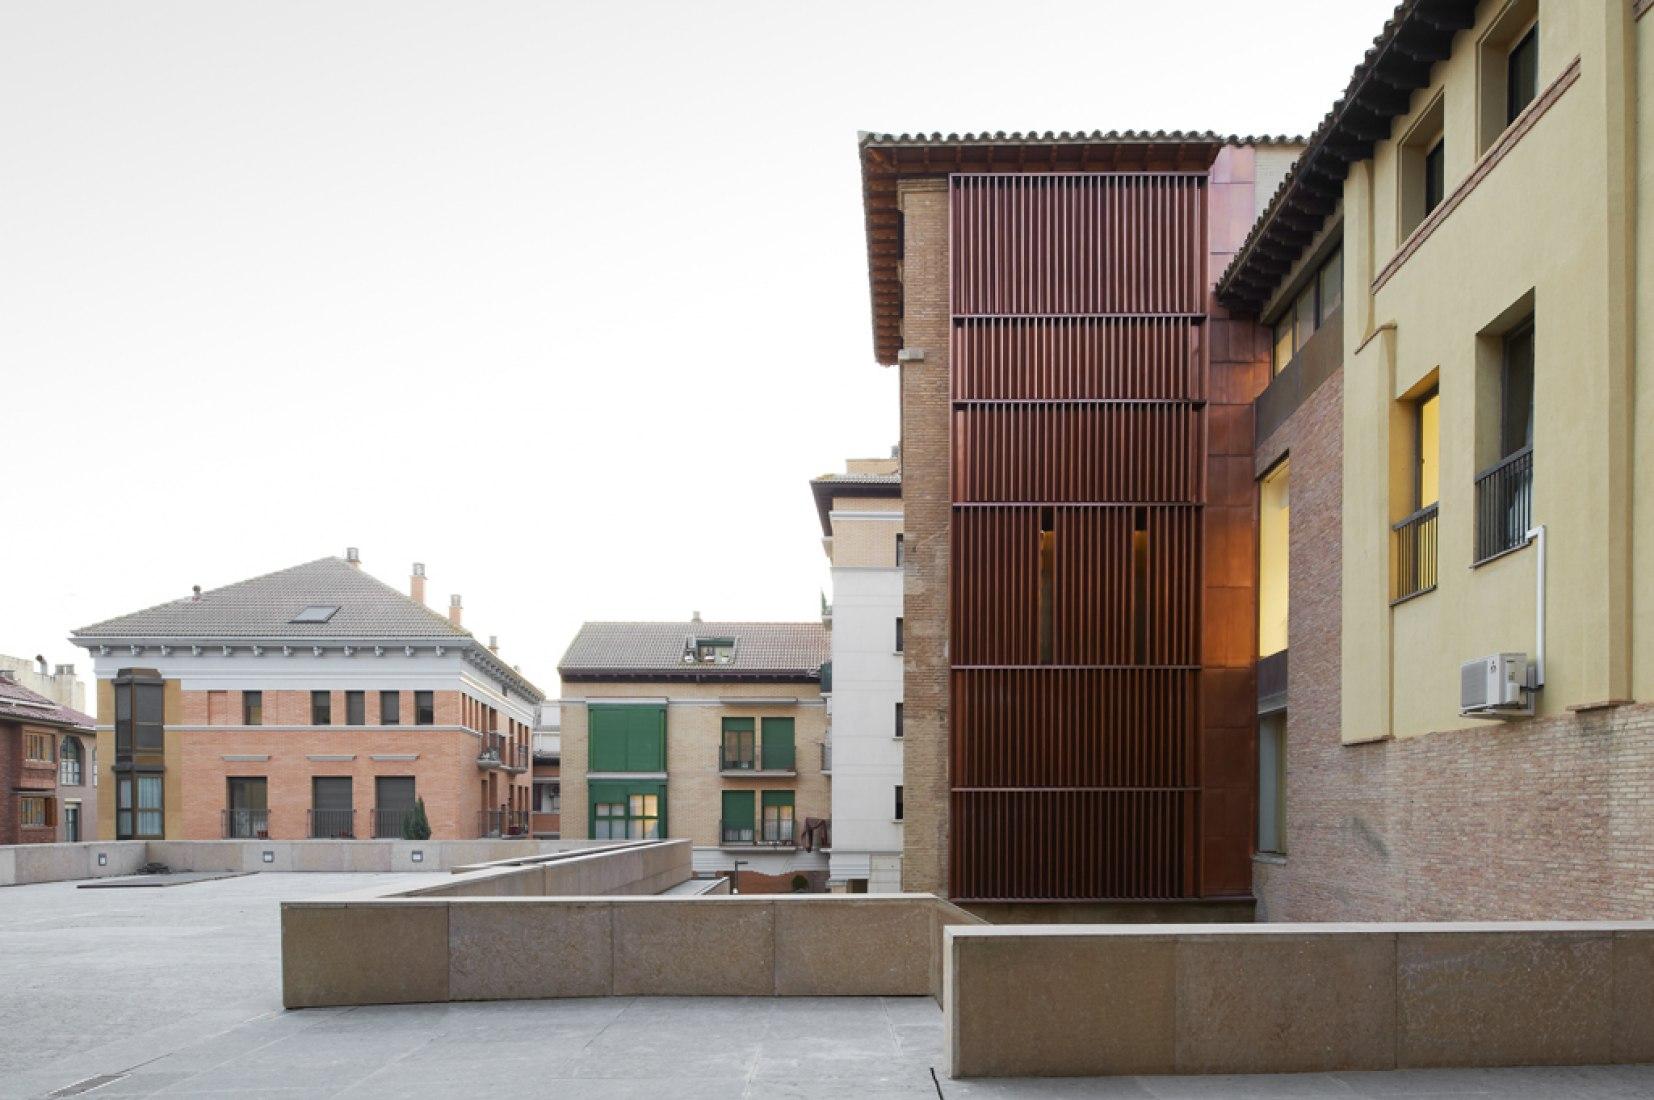 Rehabilitación del Archivo Histórico de Huesca. Fotografía © Iñaki Bergera. Cortesía de ACXT.